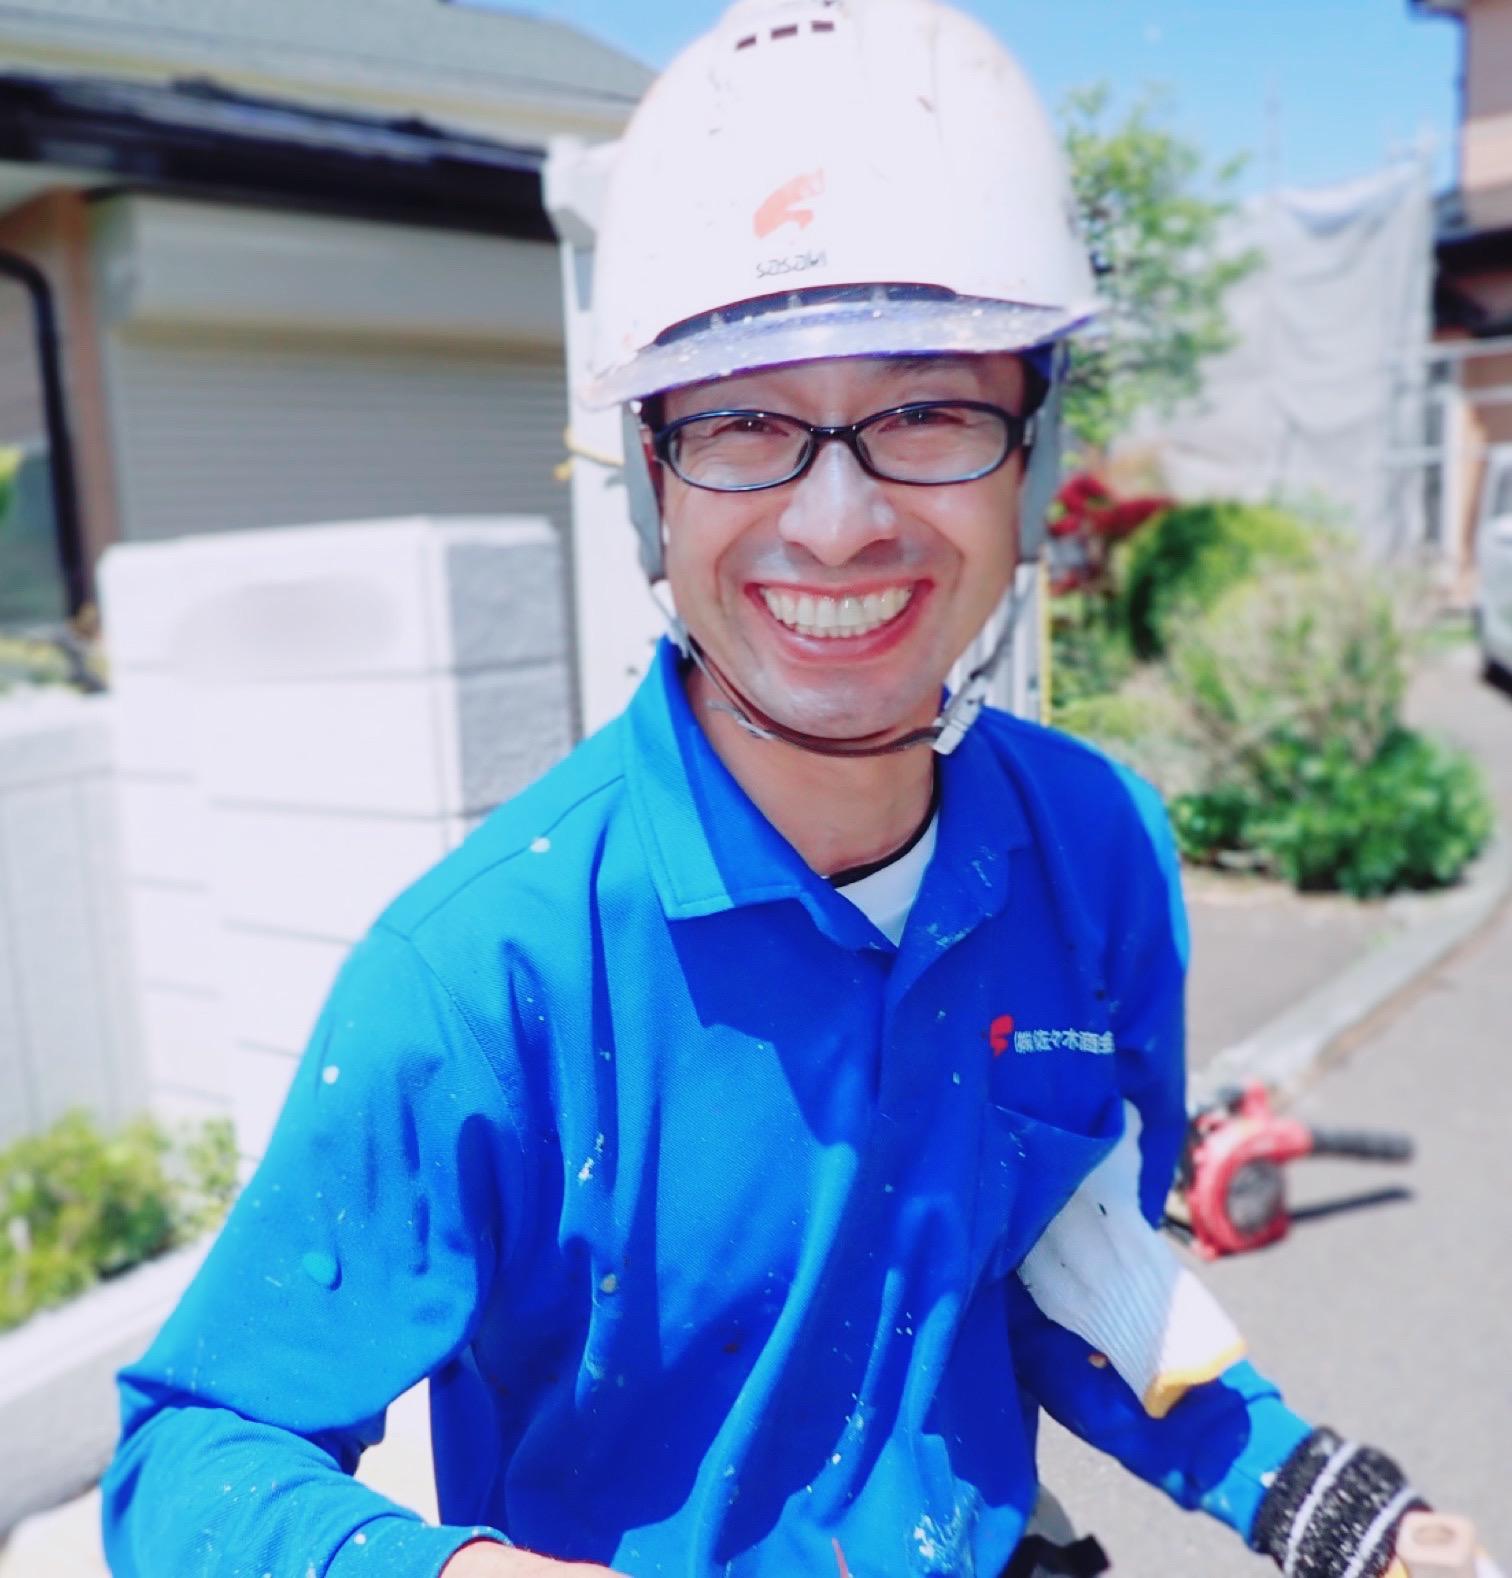 【八戸】お客様アンケート! 外壁塗装 屋根塗装 塗装業者 塗装屋 塗装会社